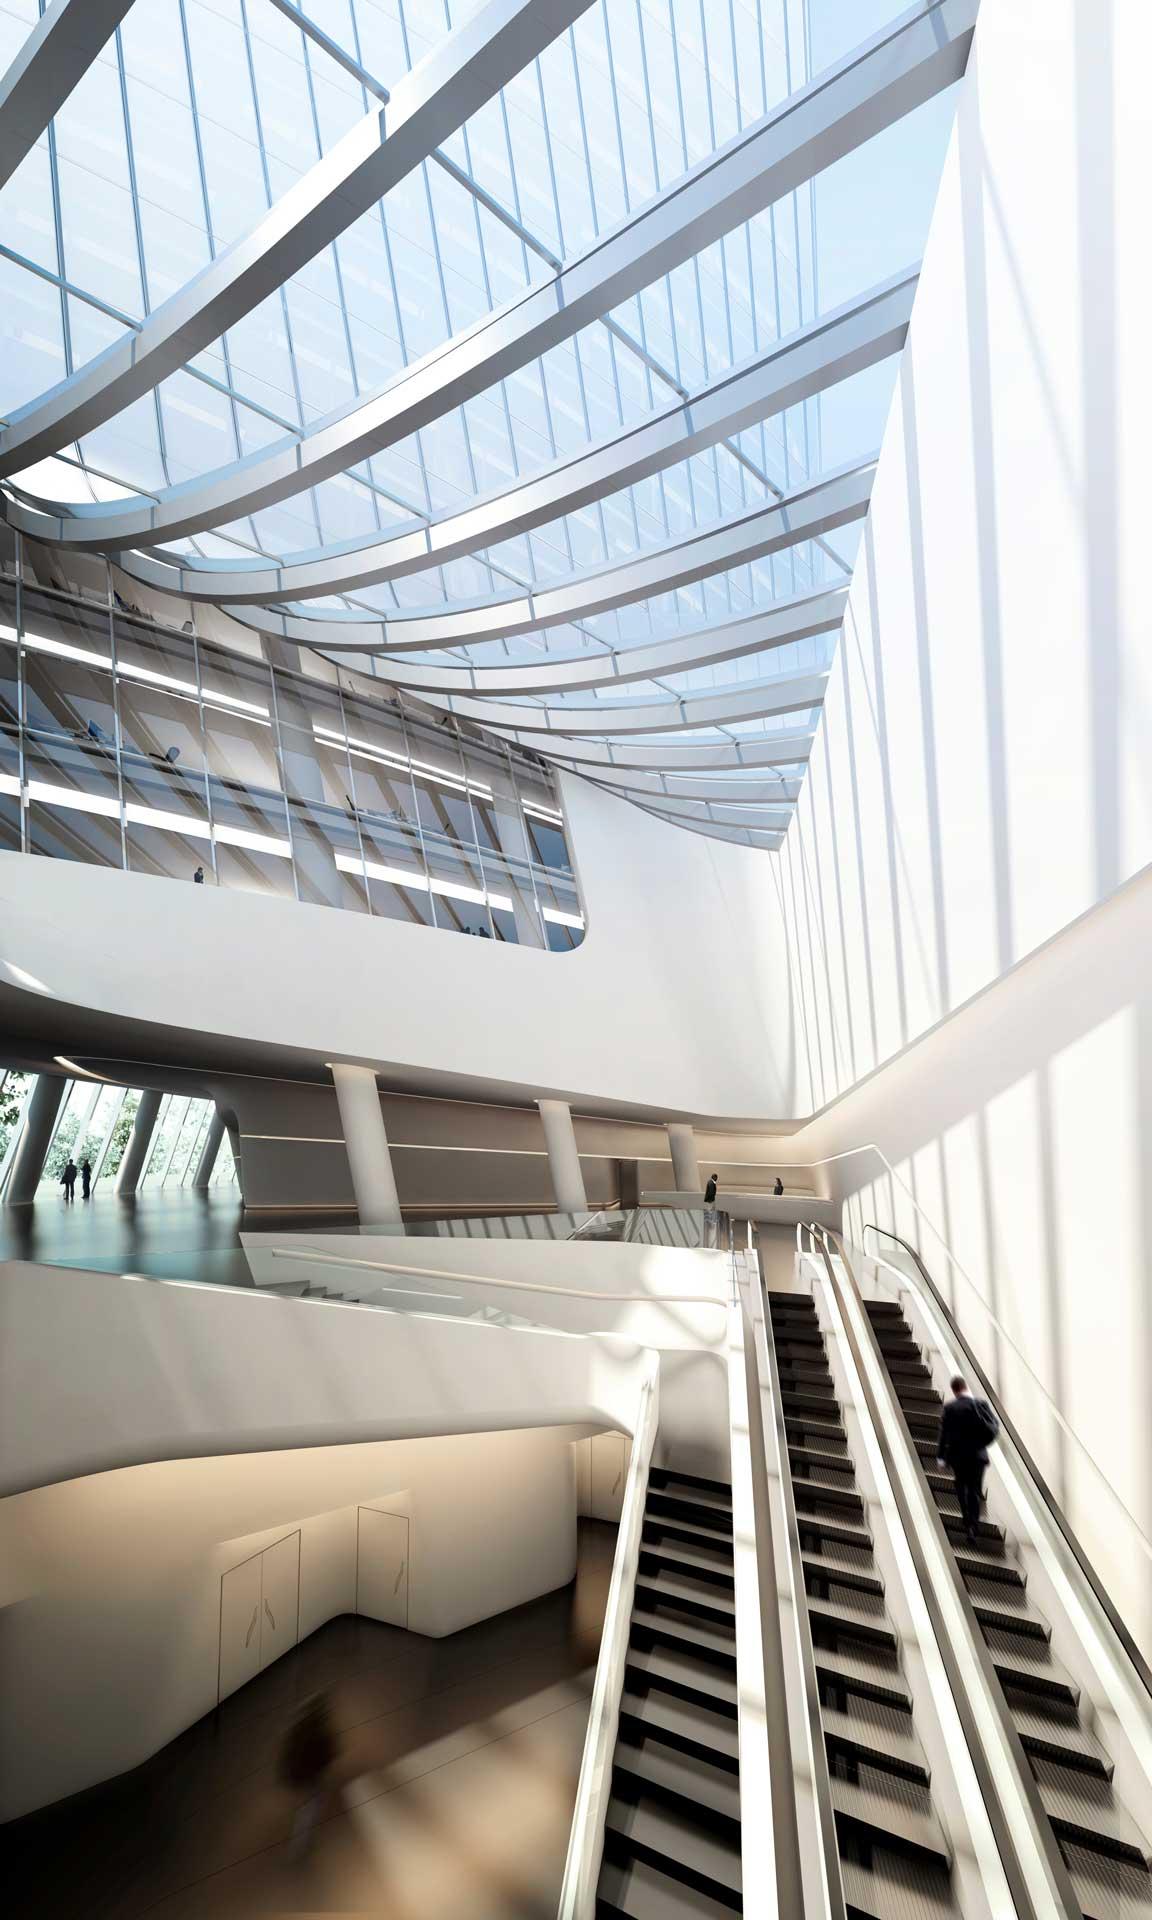 City Life Milano / Un Complejo Residencial de Zaha Hadid 8